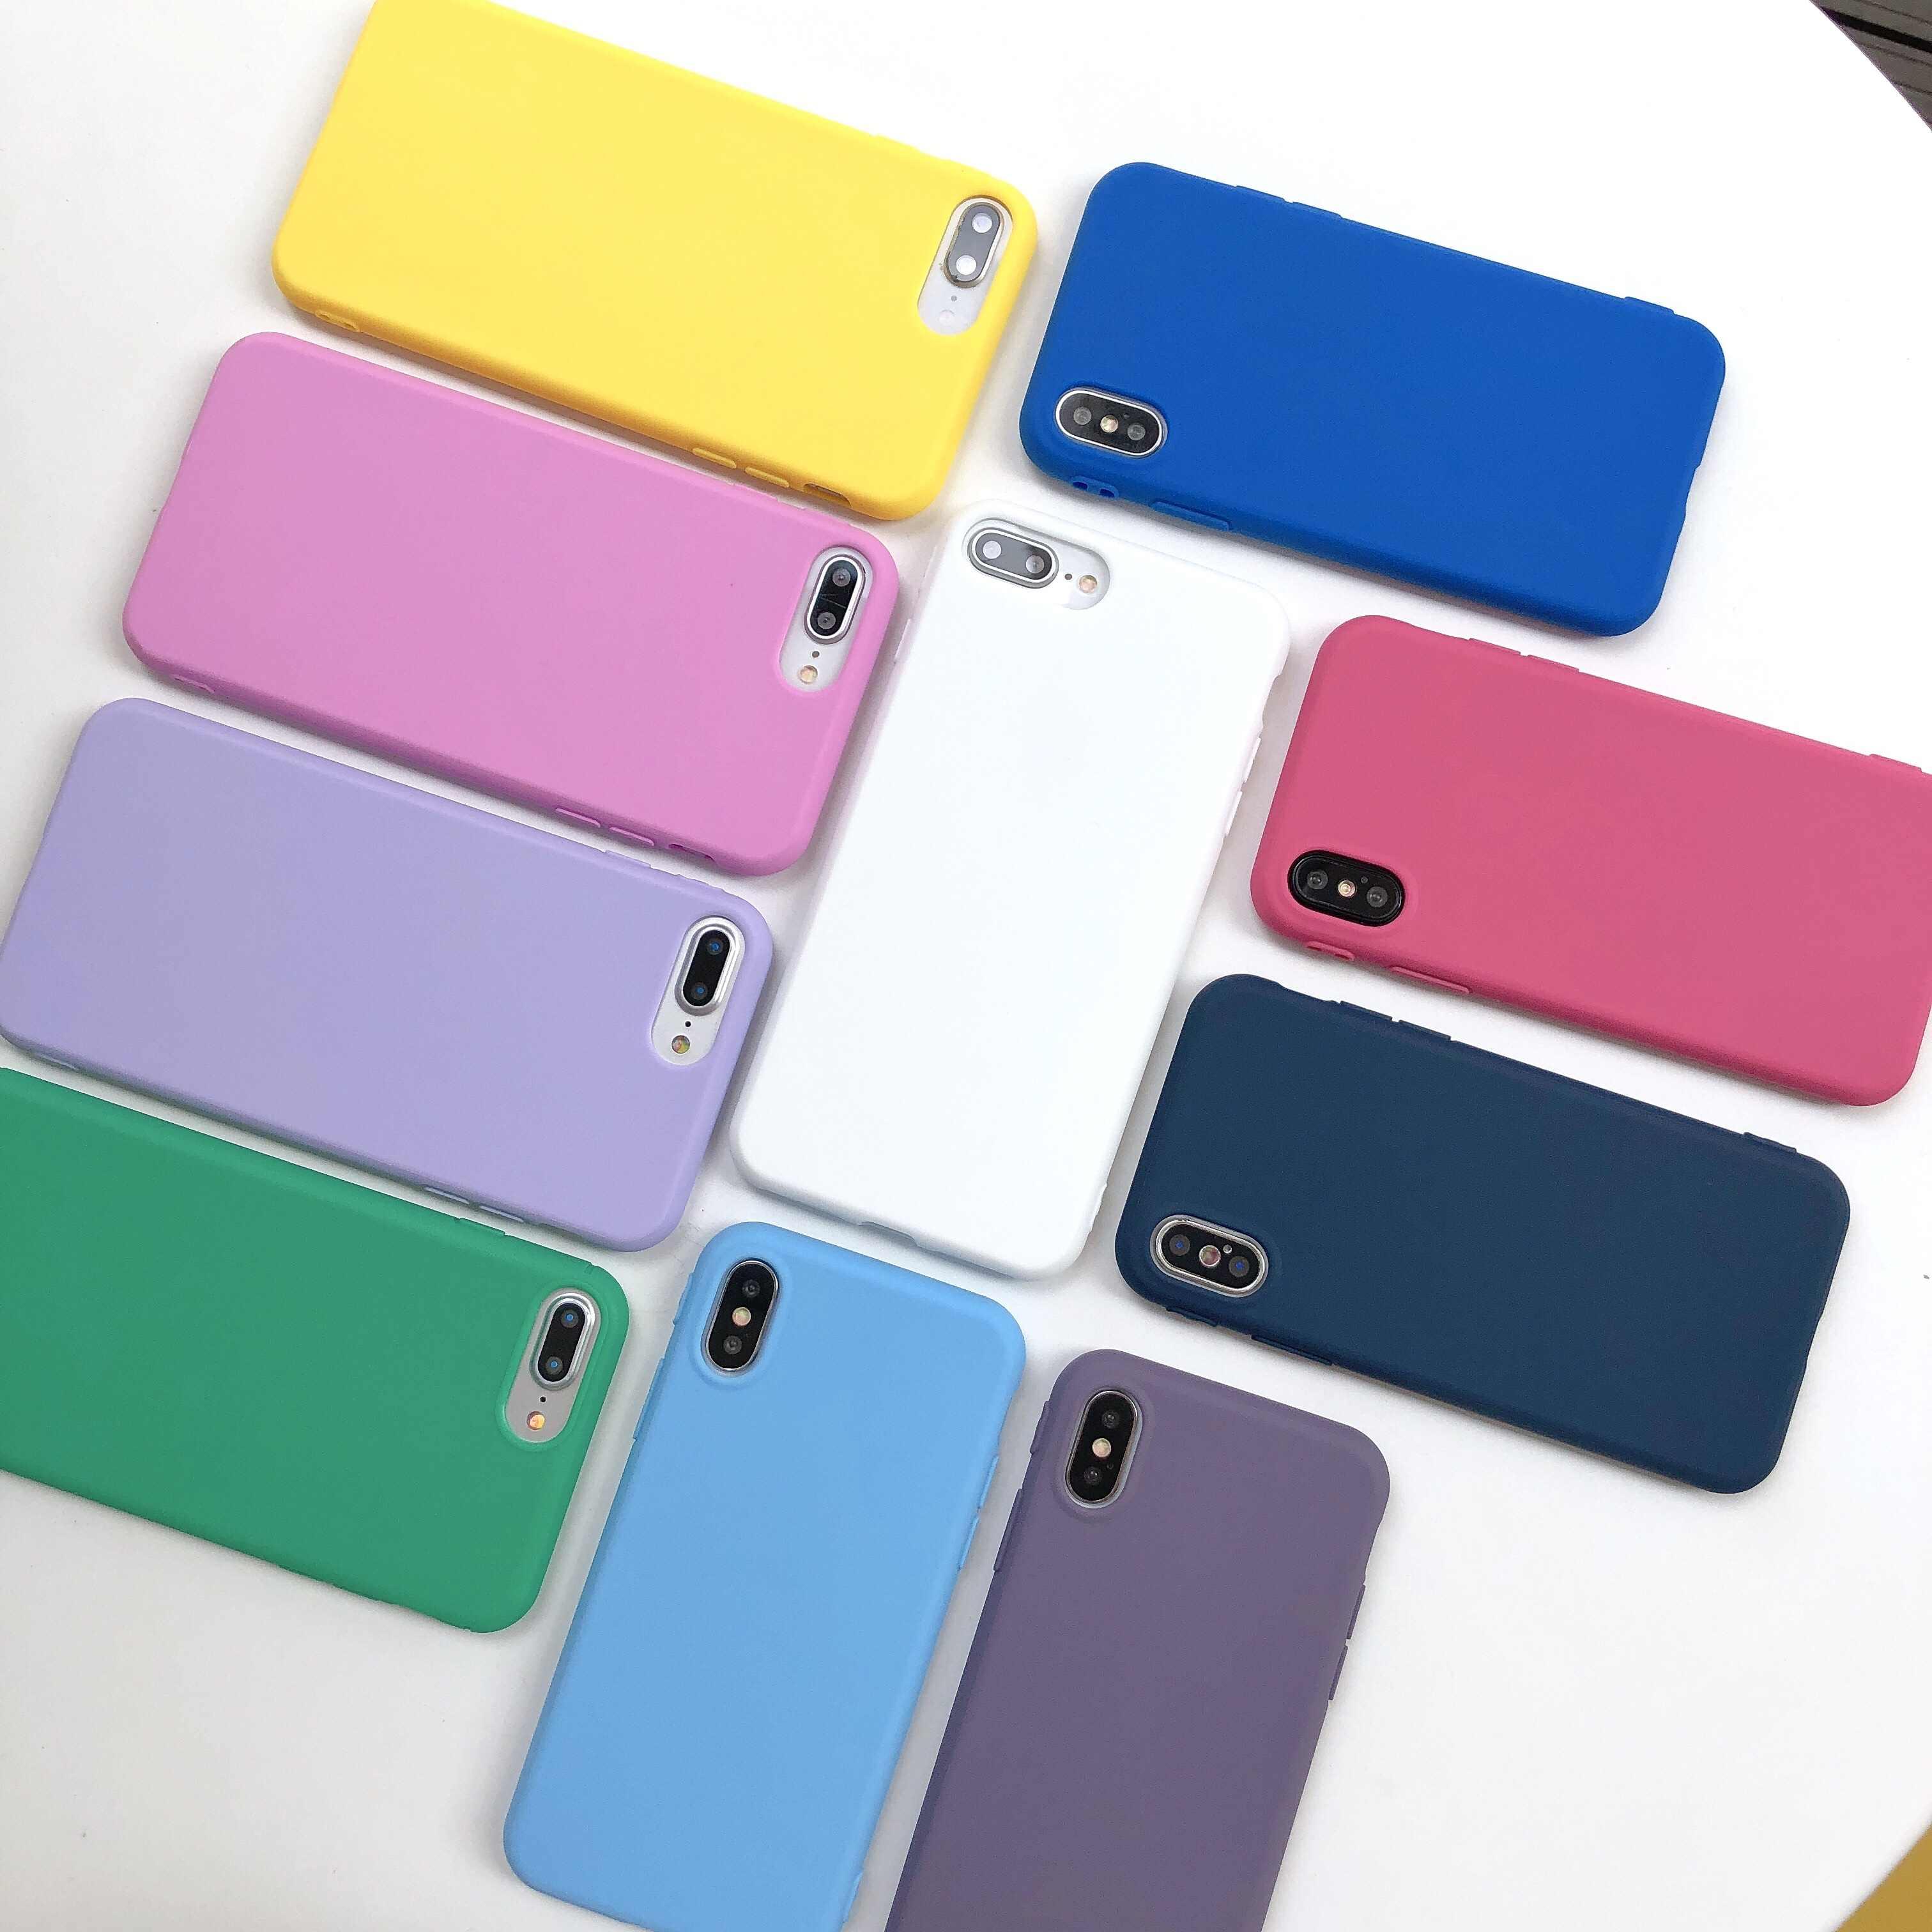 สำหรับ I Phone X XS MAX XR 8 8 PLUS 7 7Plus 11 PRO MAX